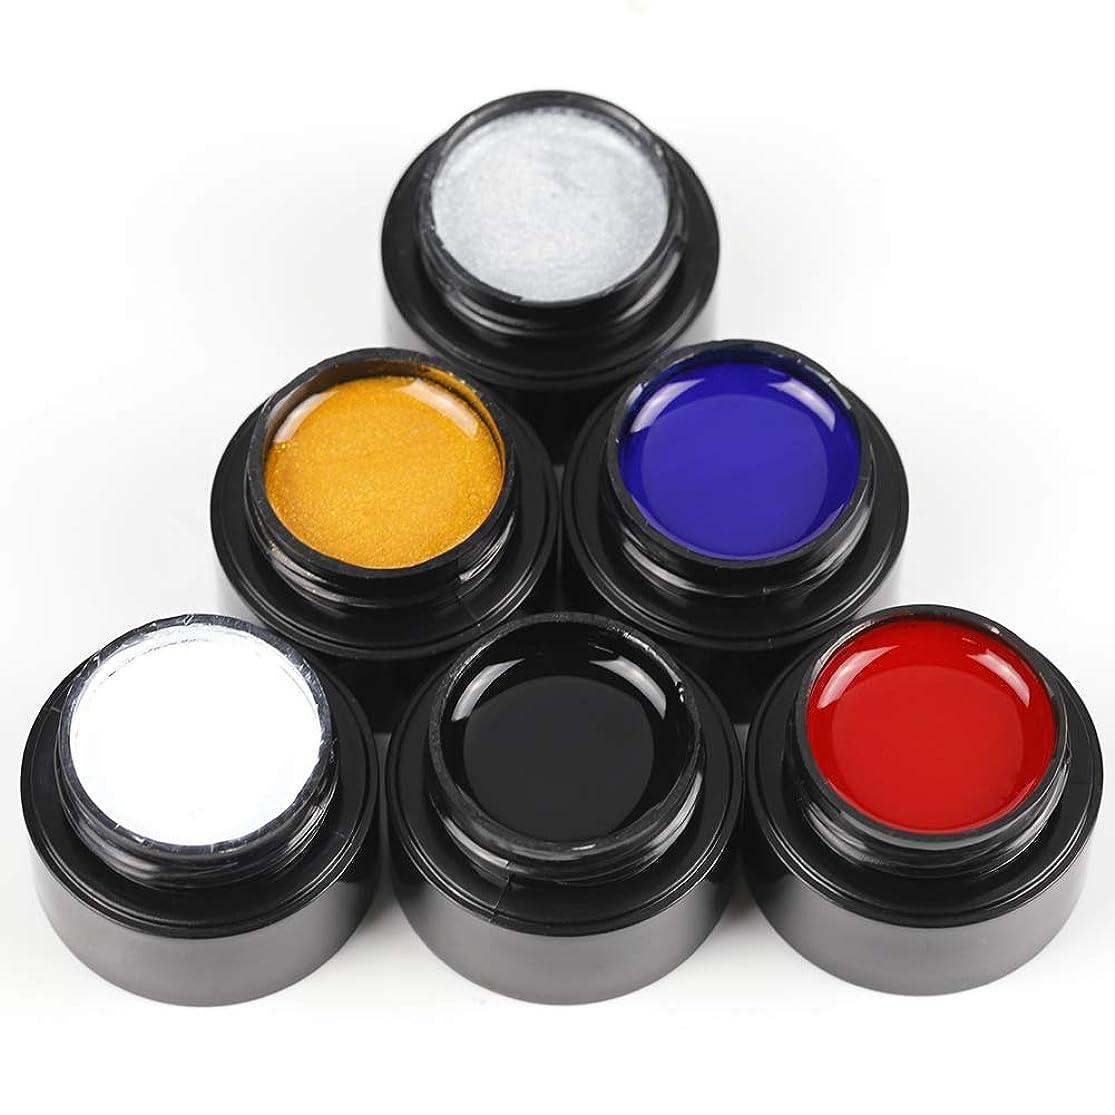 カプラーくしゃみ弁護人Twinkle Store ライナージェル 5ml 6ボトルセット 6色入り カラージェル ジェルネイルカラー UV/LED 适用 ネイルアートジェル